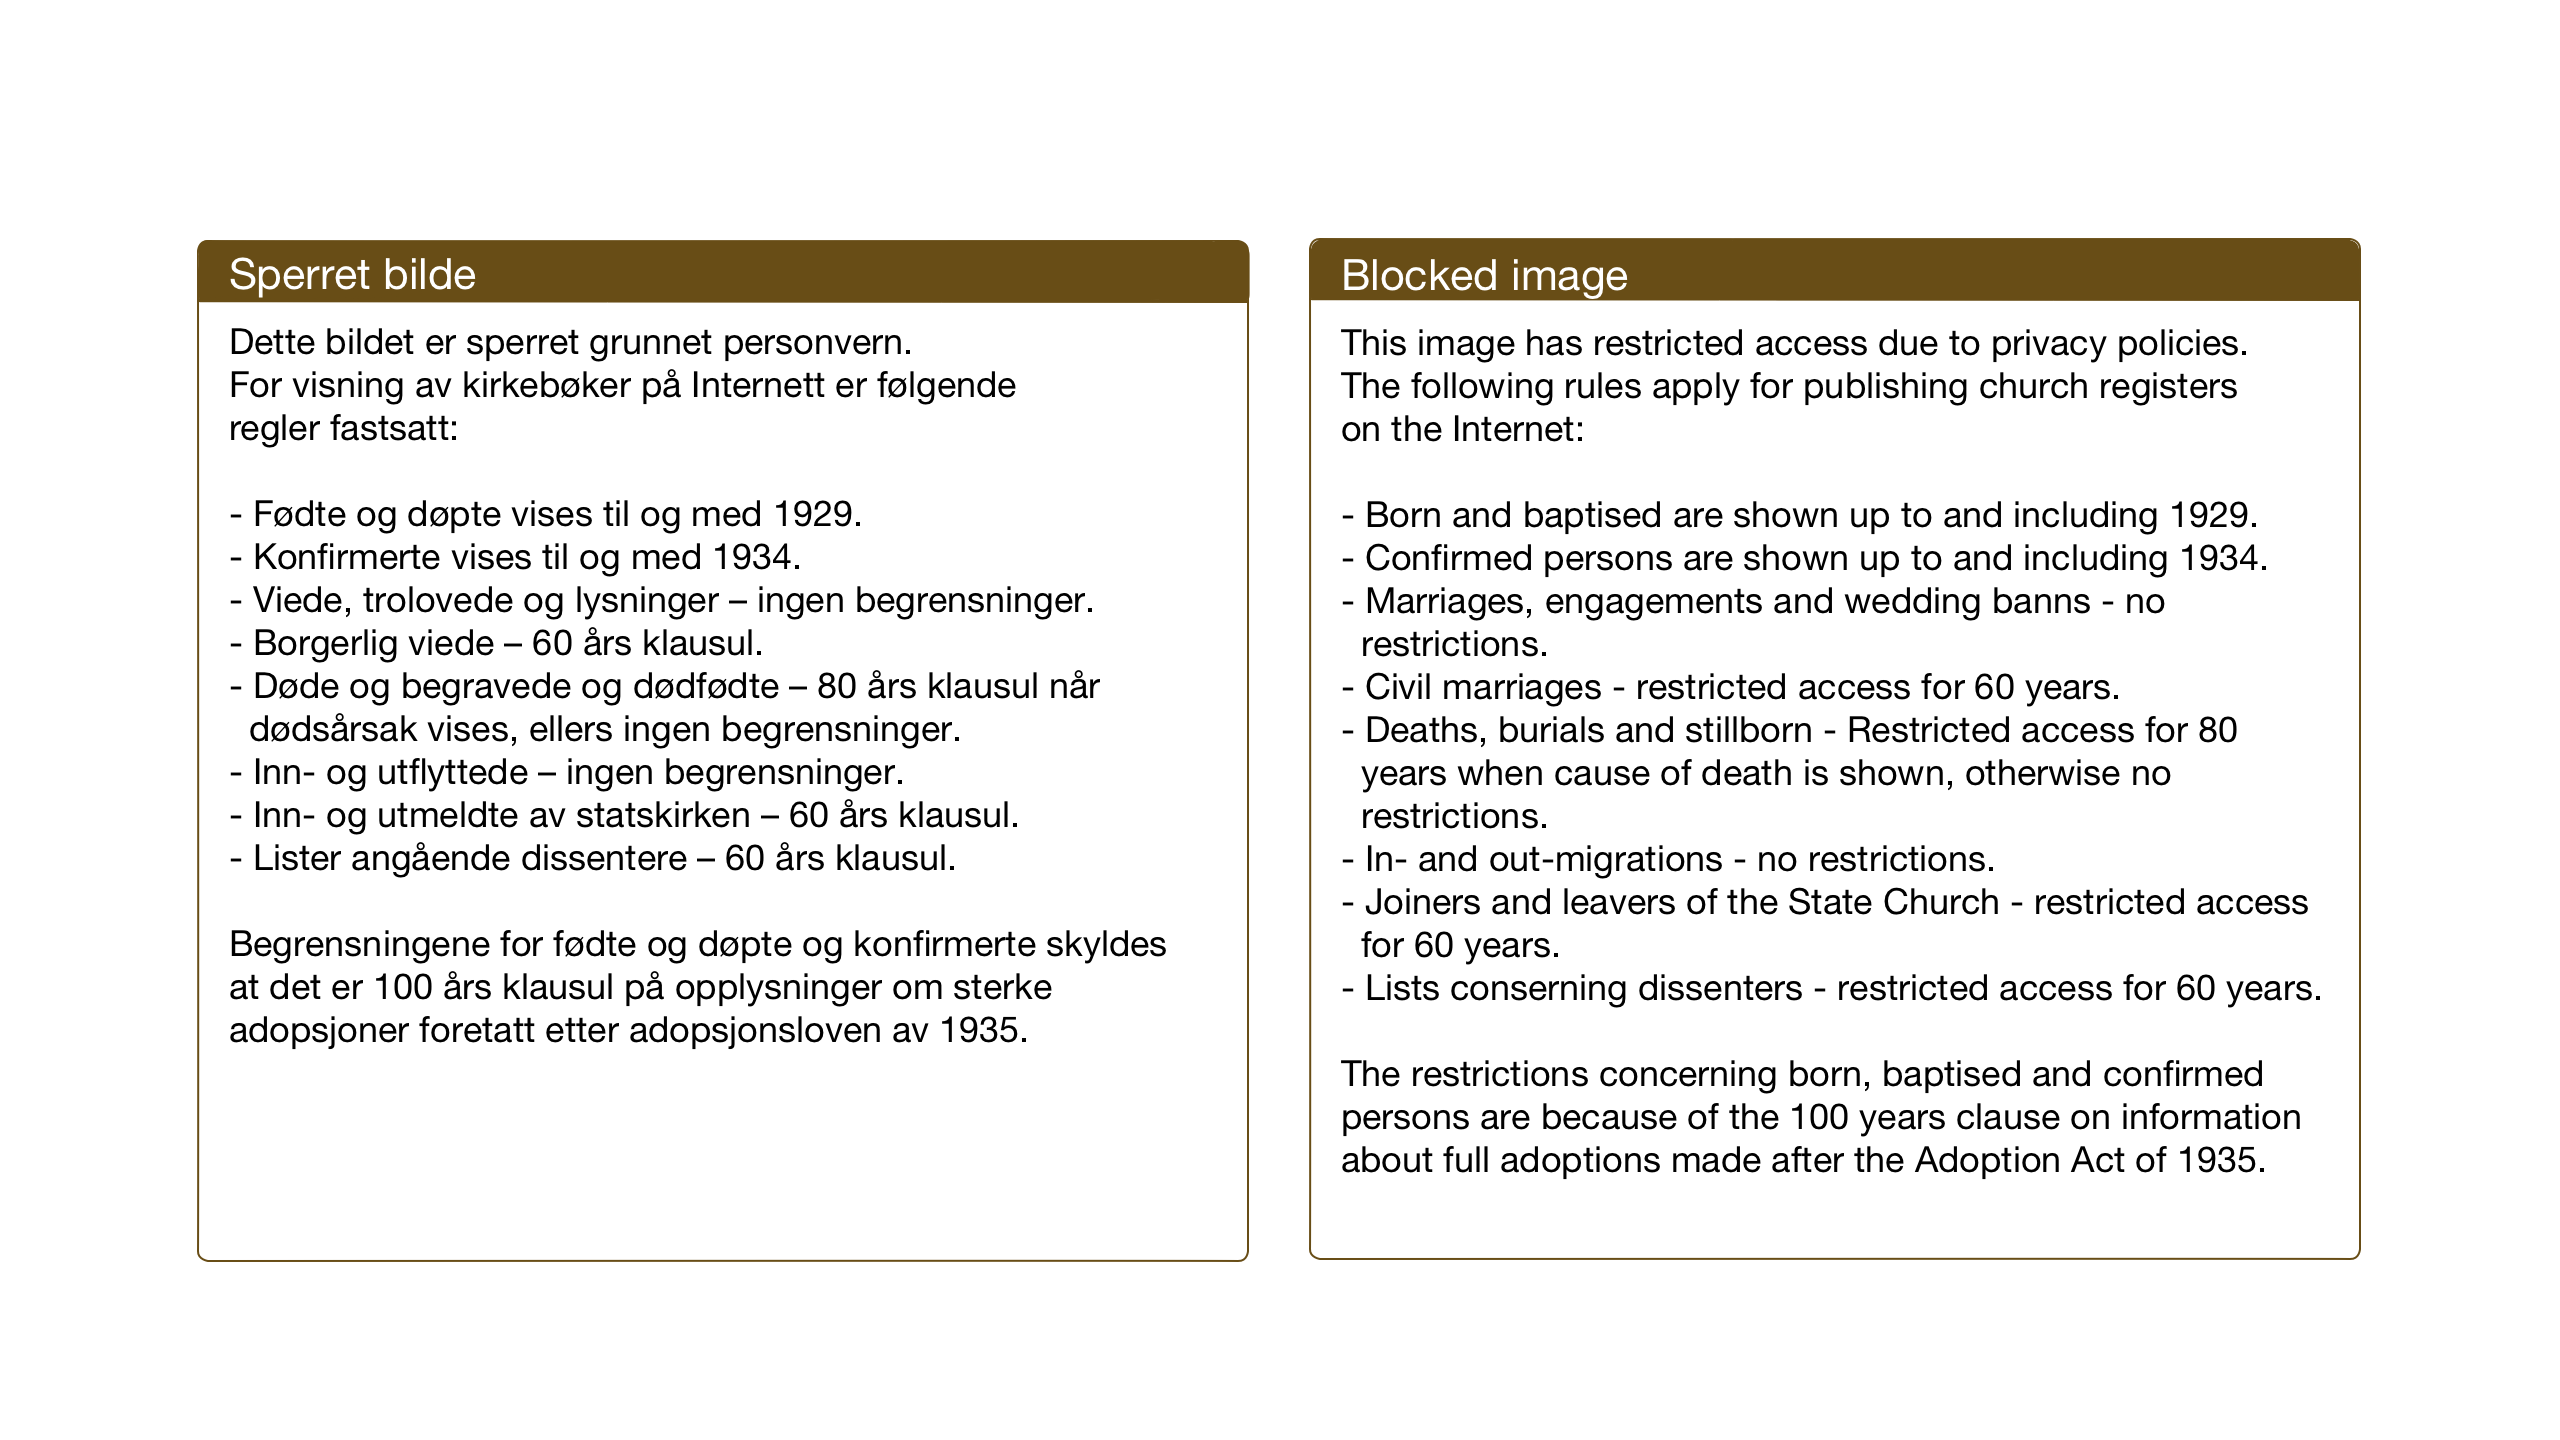 SAT, Ministerialprotokoller, klokkerbøker og fødselsregistre - Nord-Trøndelag, 747/L0460: Klokkerbok nr. 747C02, 1908-1939, s. 92